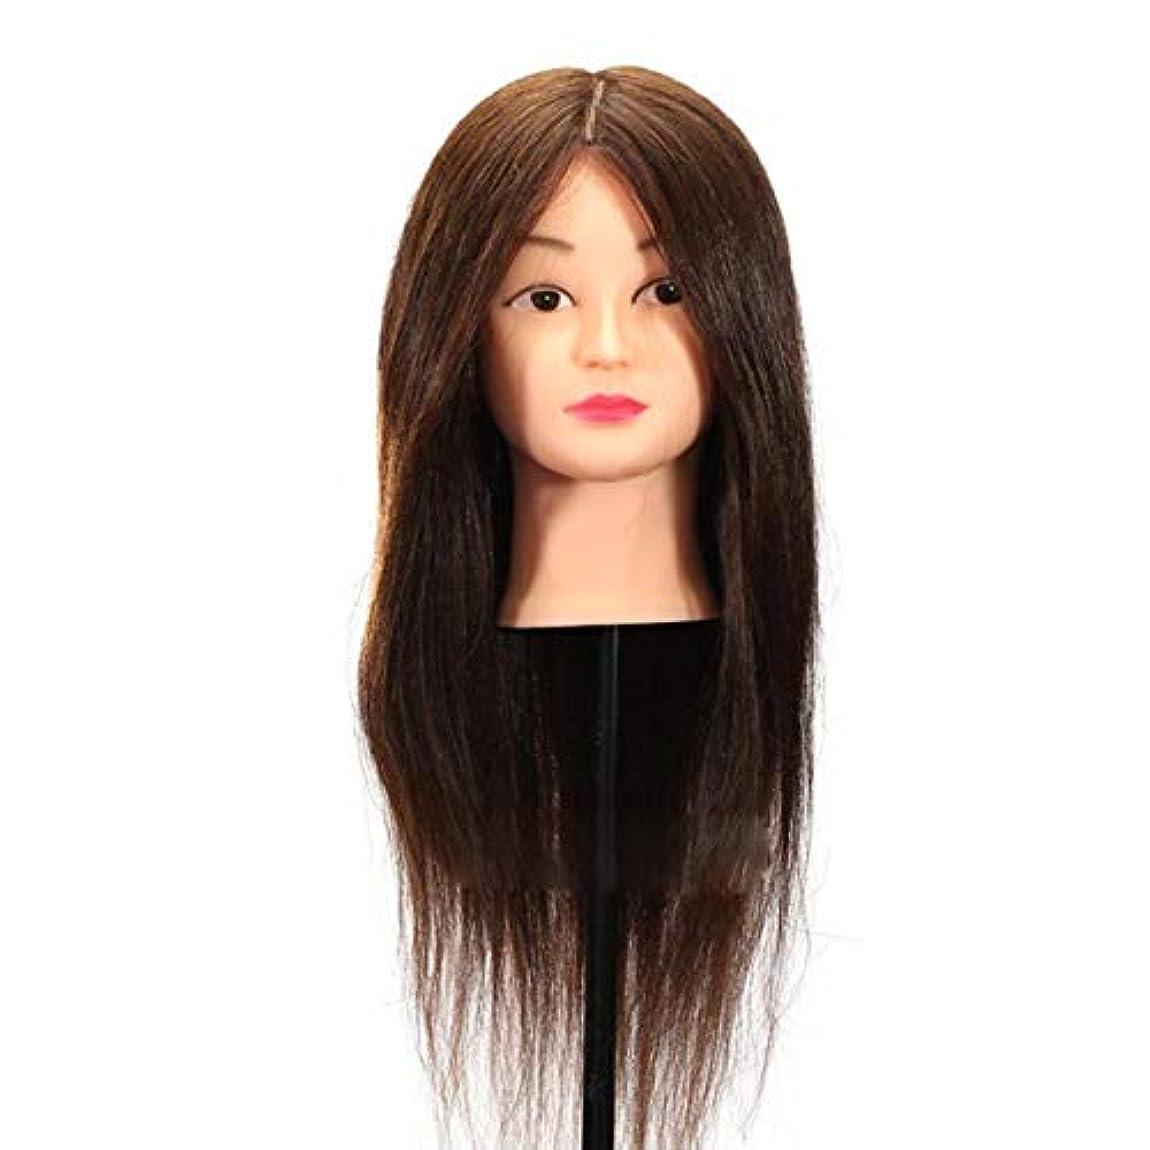 無臭属性合併ヘアマネキンヘッド練習ディスク髪編組ヘッドモデル理髪店学校教育かつらヘッドバンドブラケット